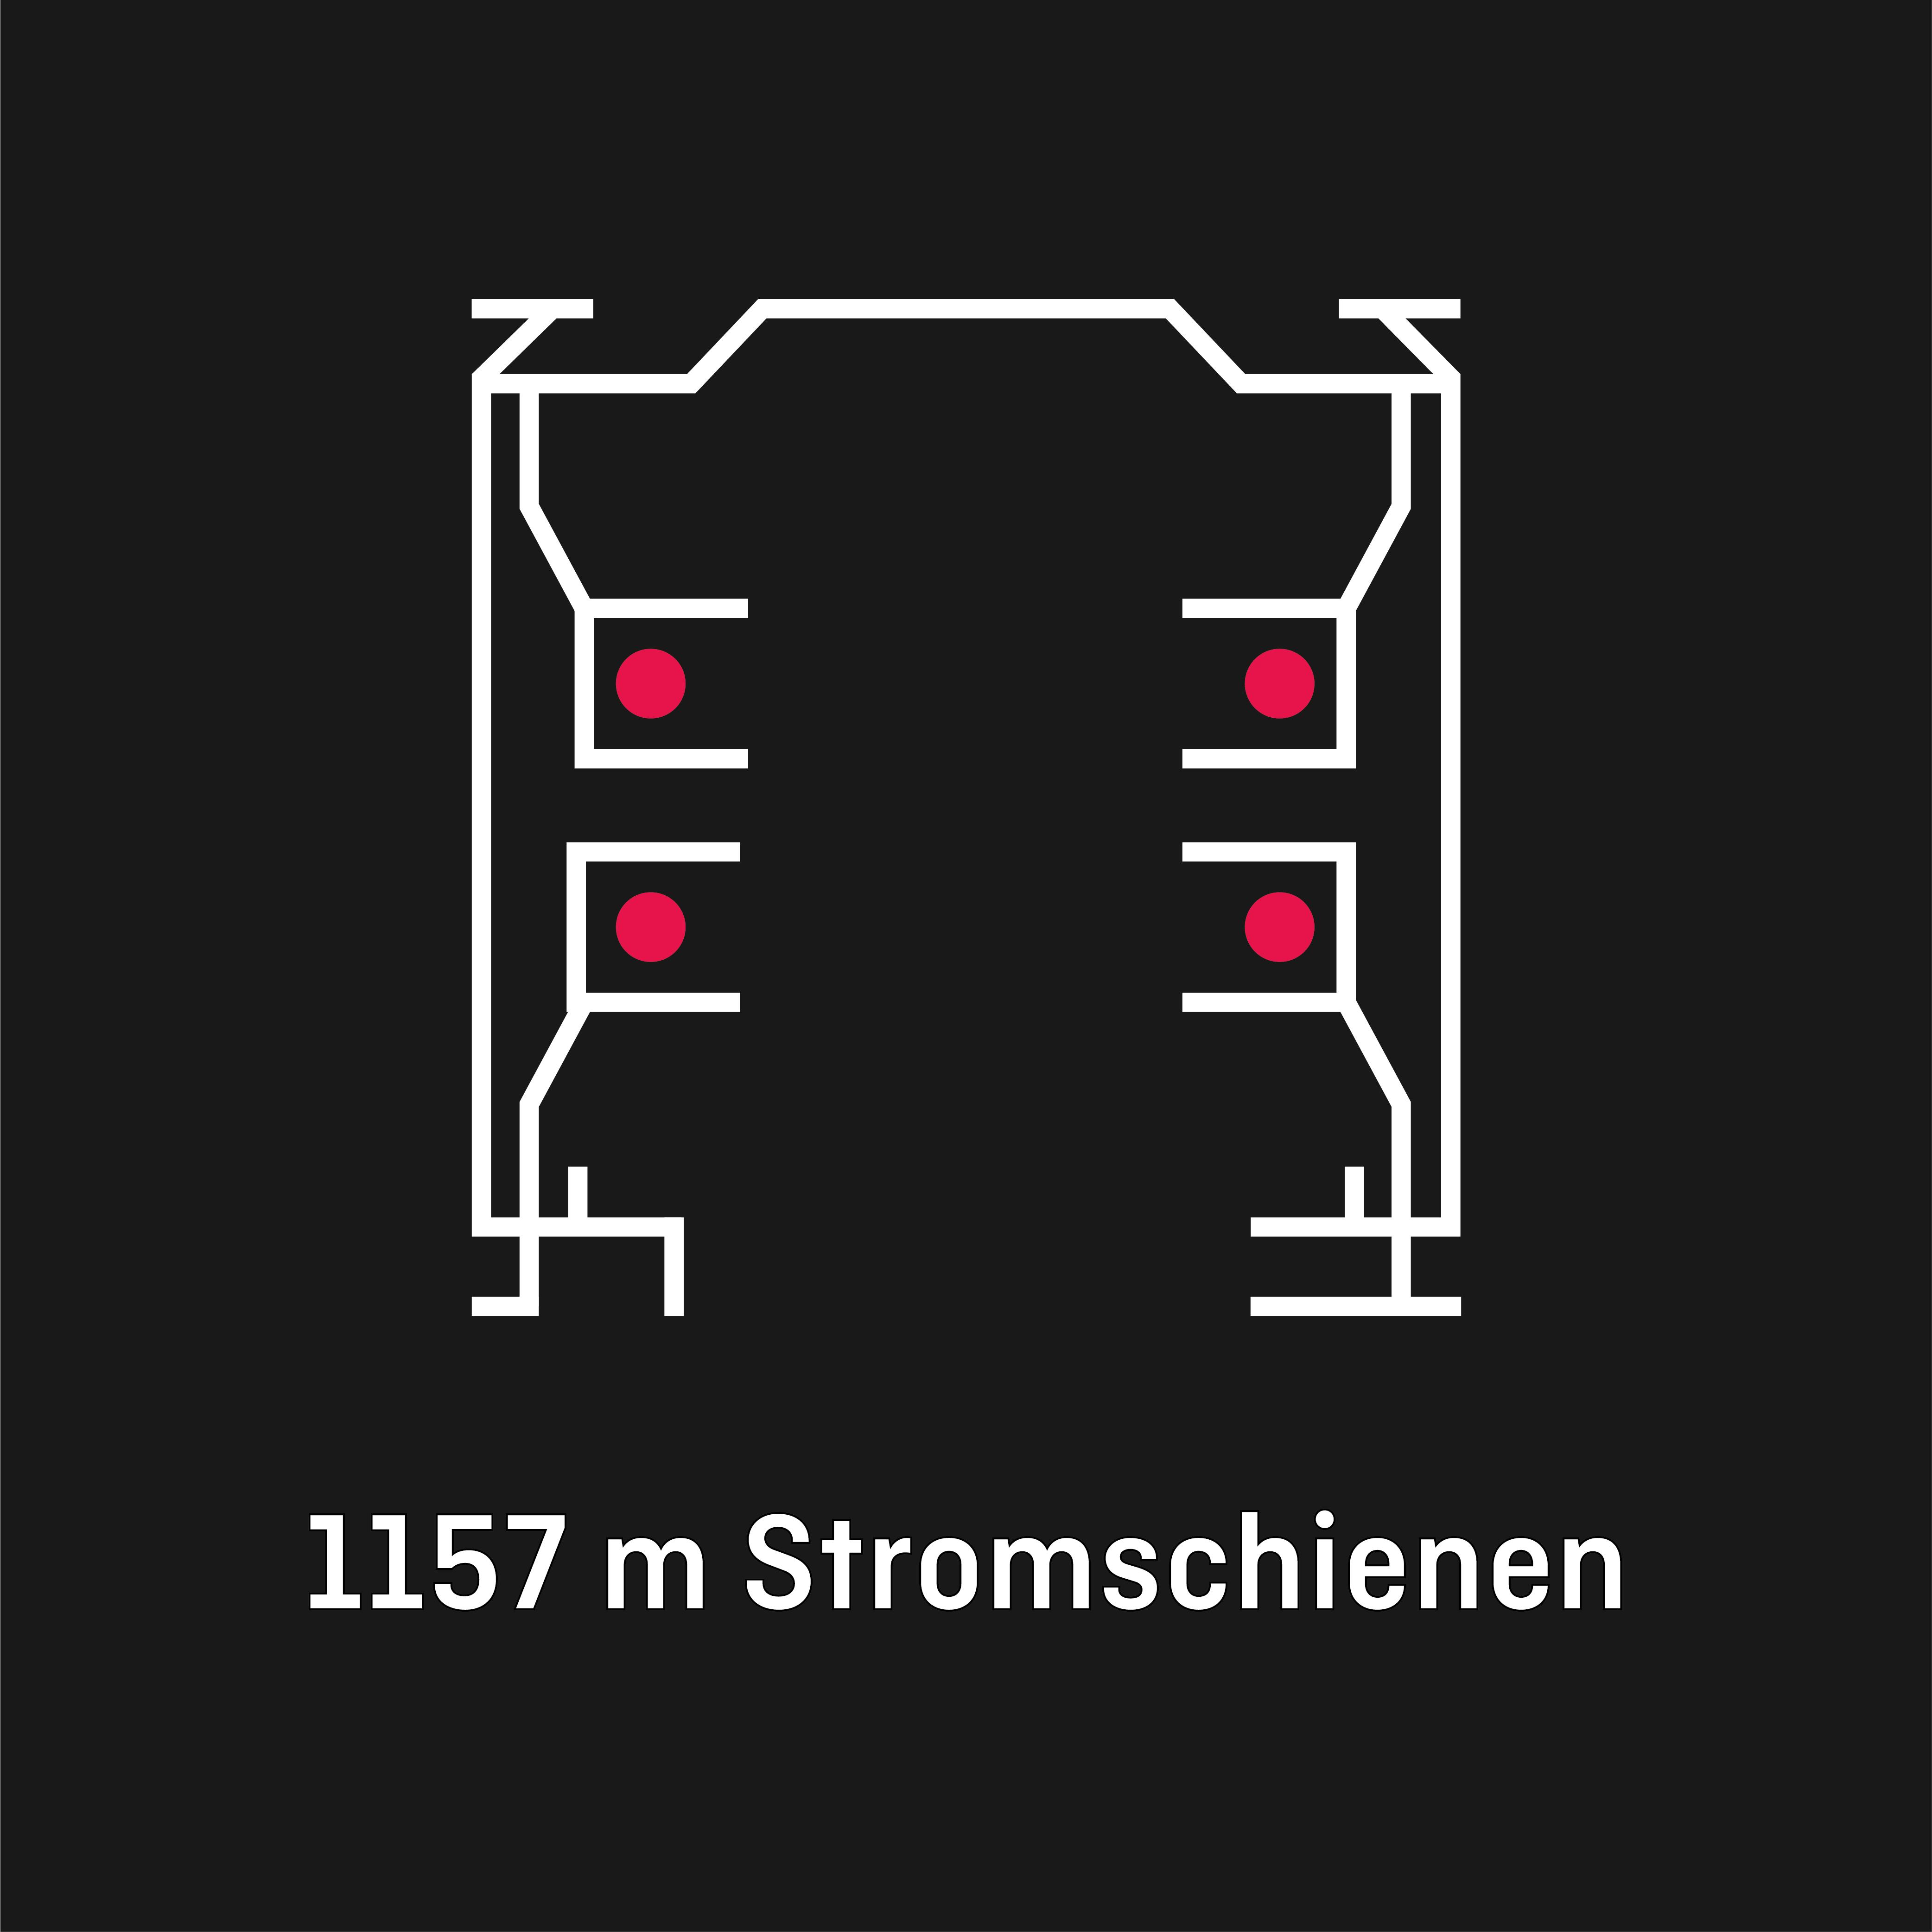 Facts Stromschiene